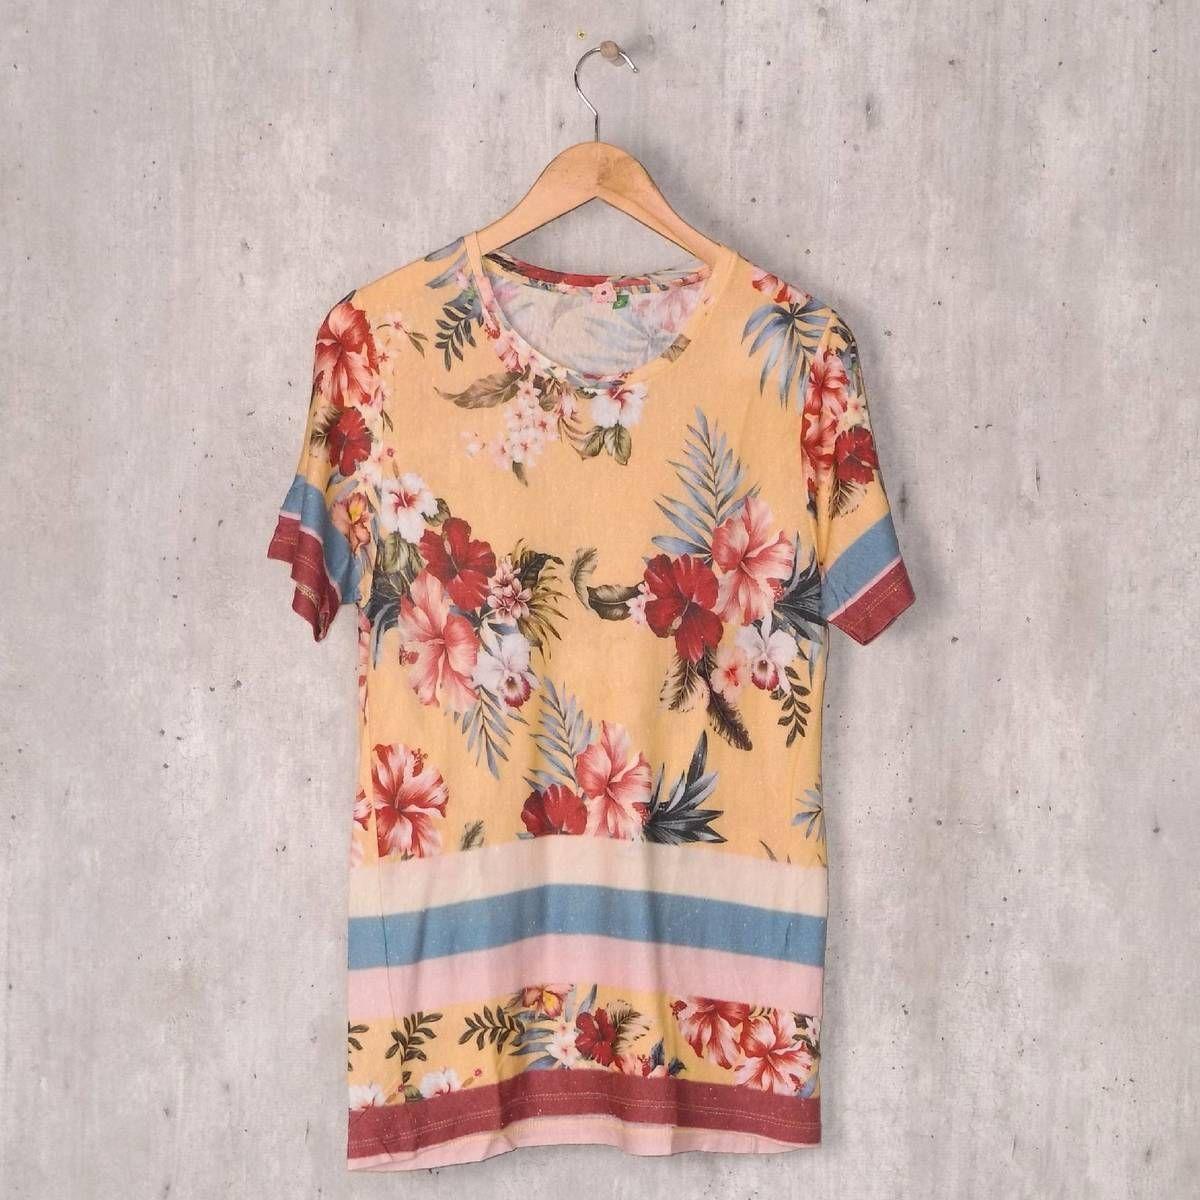 blusa floral farm - blusas farm